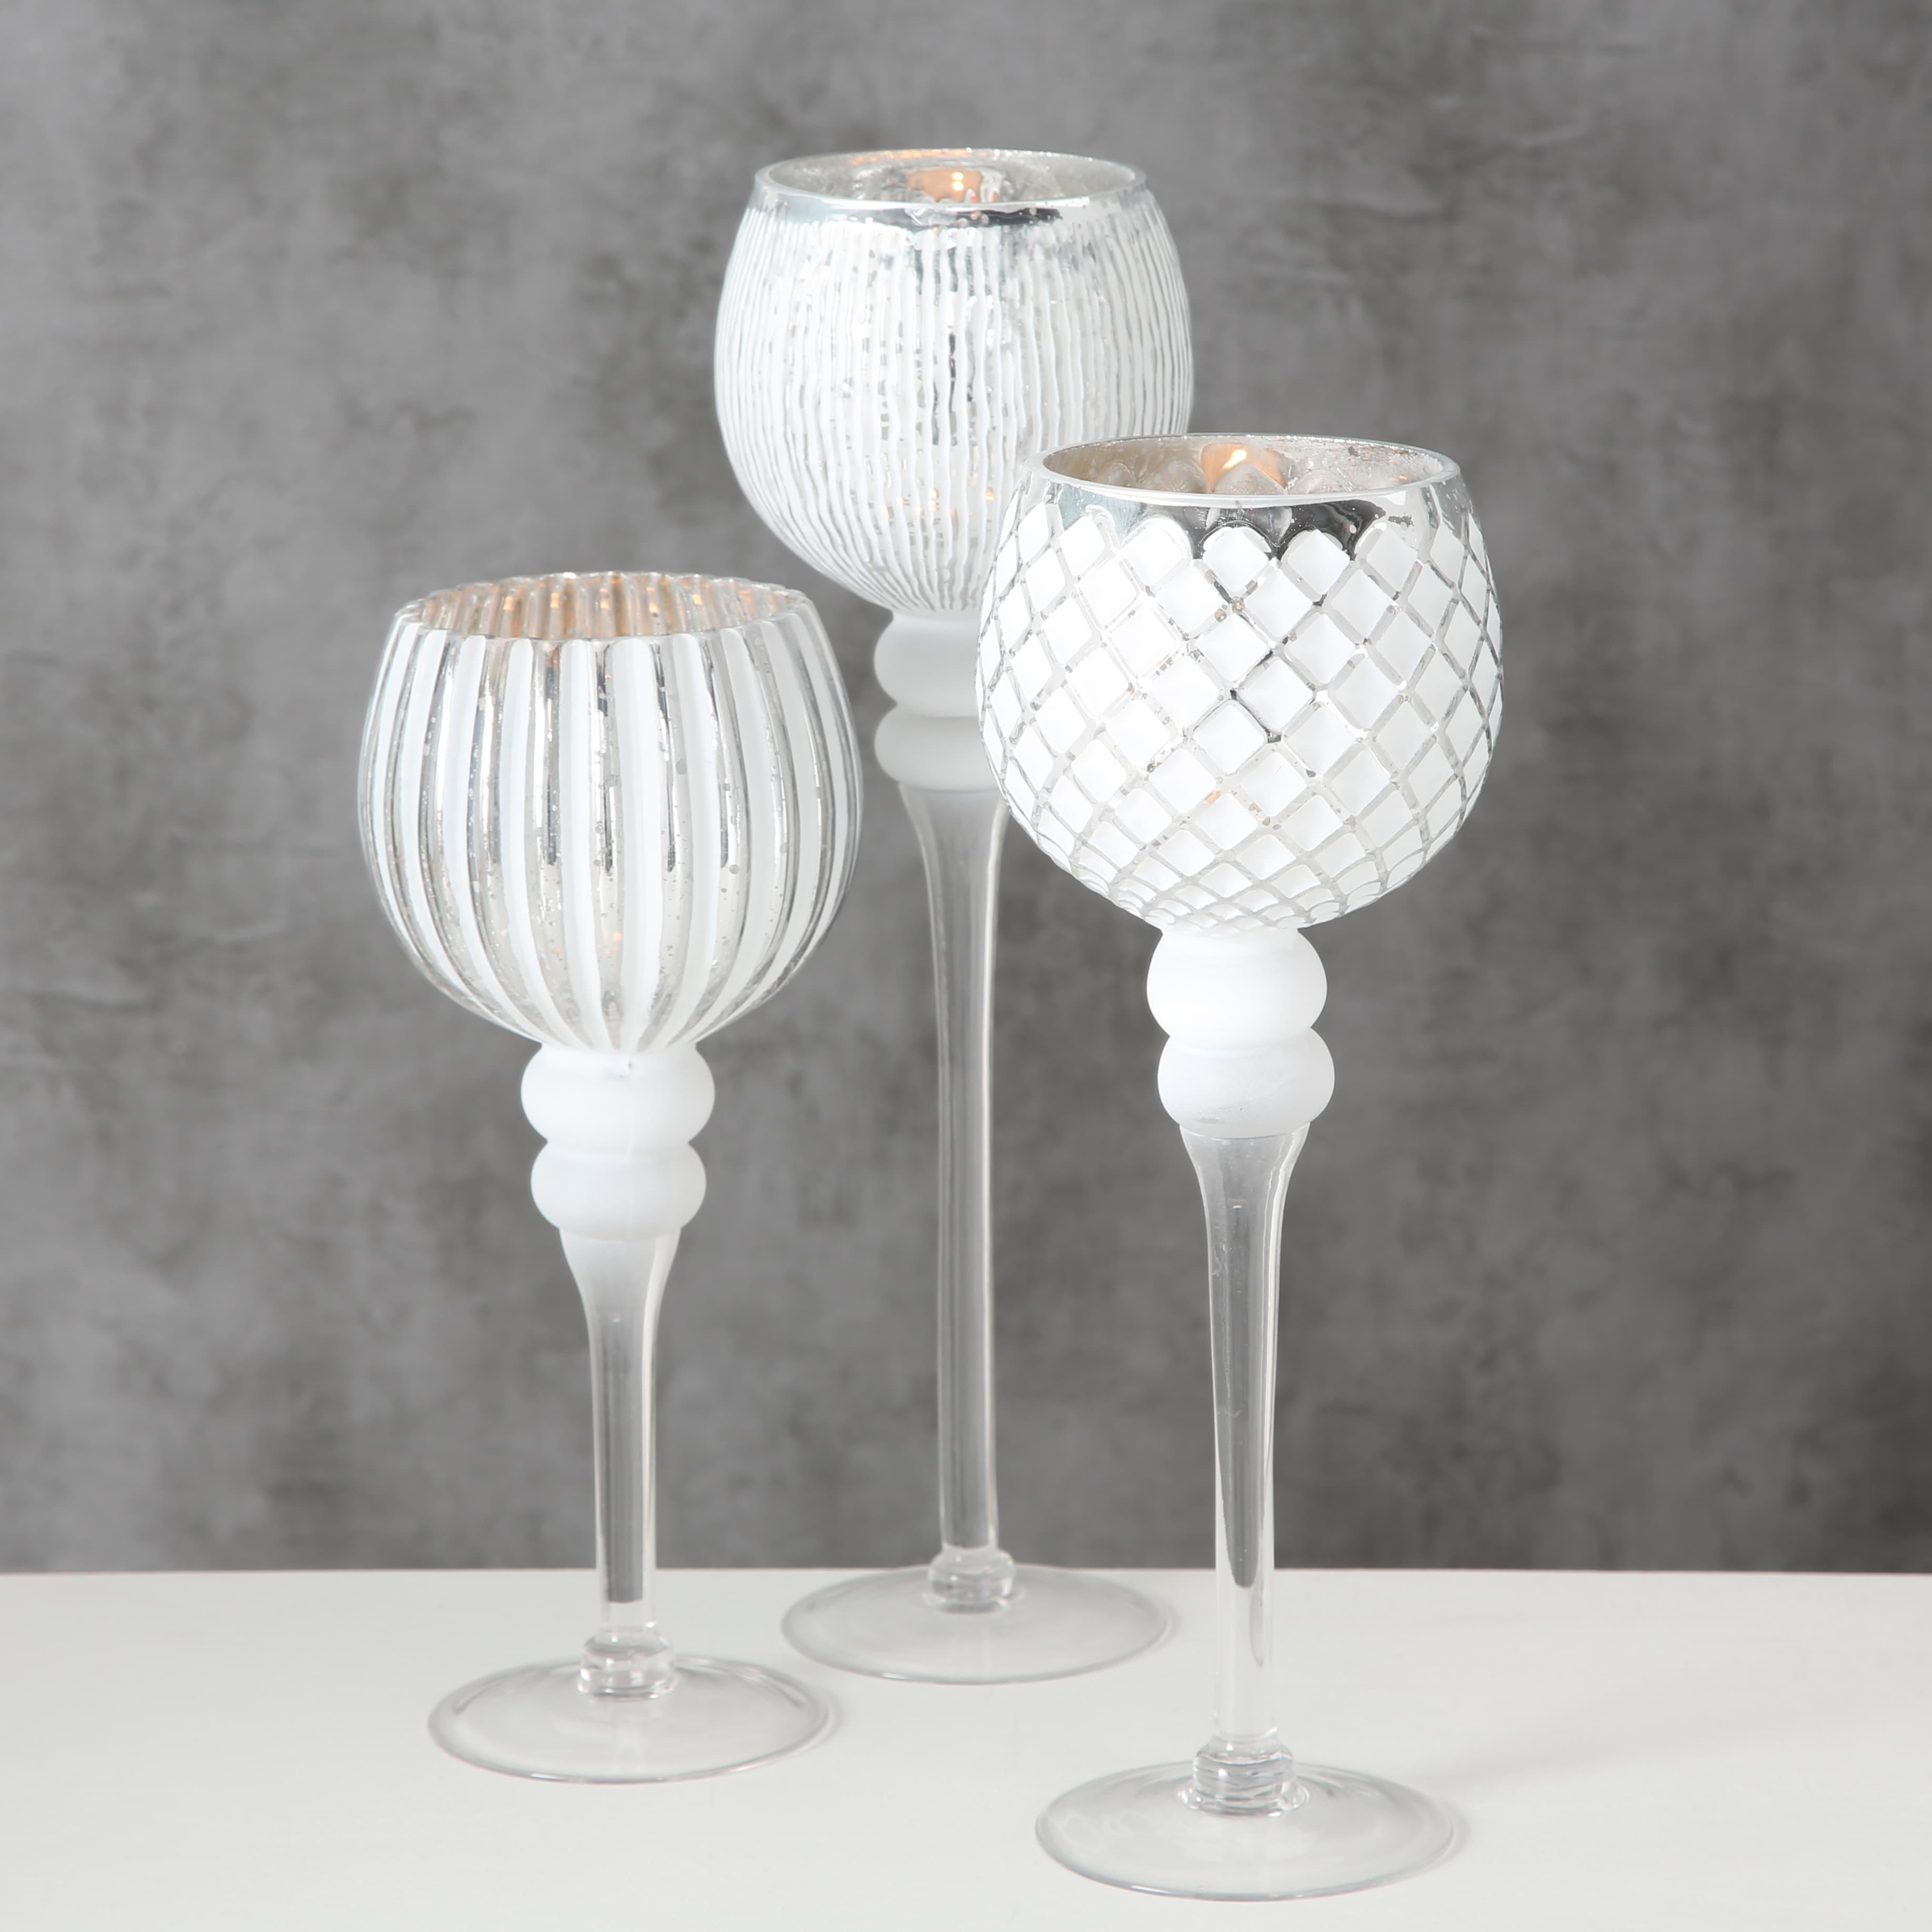 Set 3 suporturi din sticla pentru lumanari Manou Alb / Argintiu, Ø12xH30 cm / Ø12xH35 cm / Ø12xH40 cm